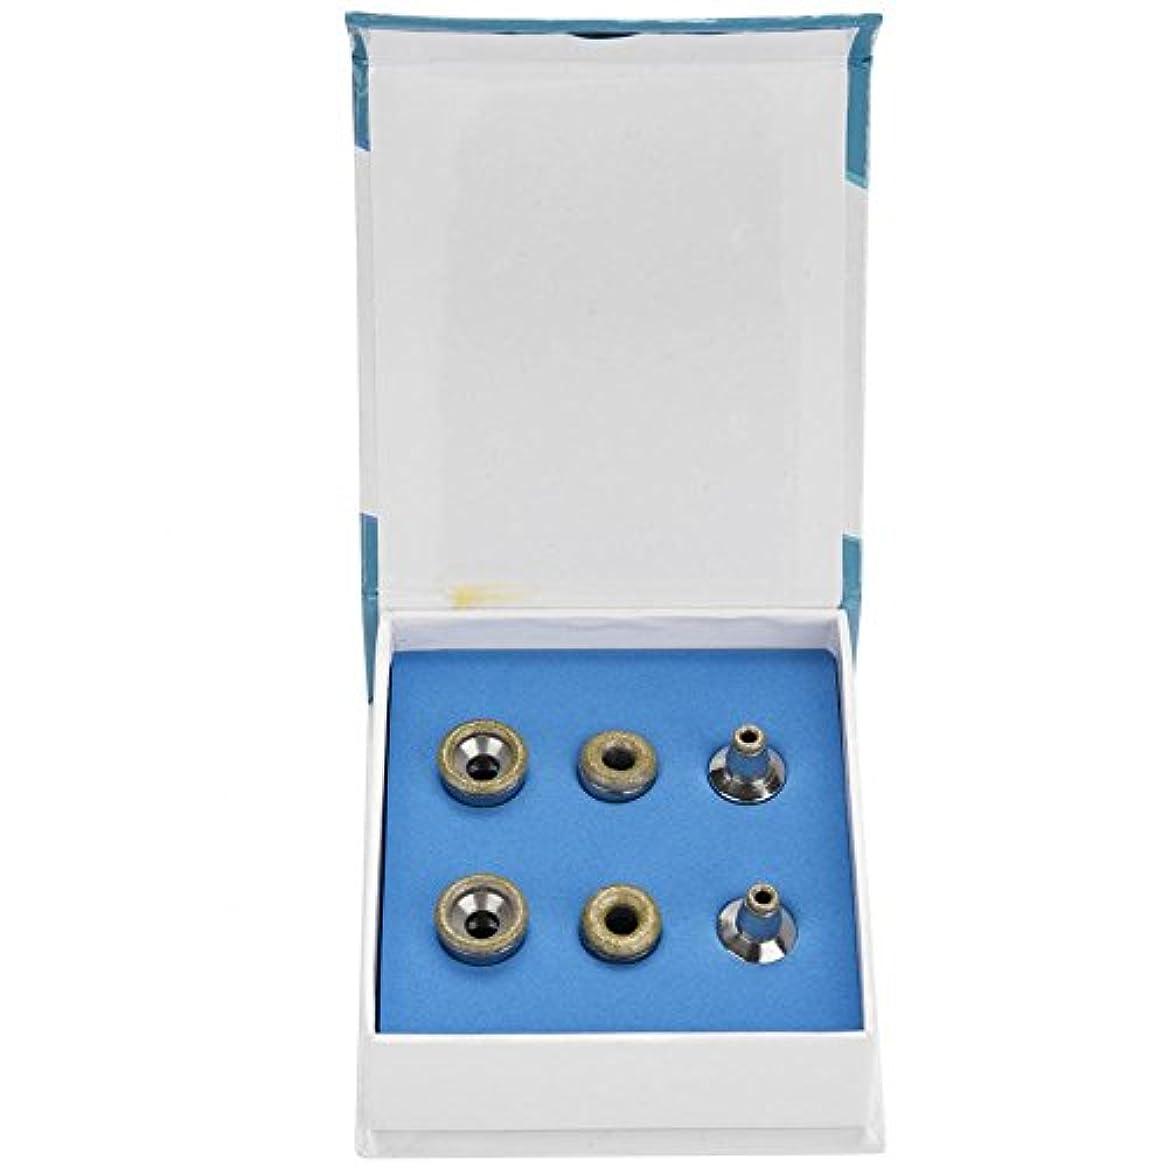 布感覚月曜日削皮フィルターセット、6個の交換用ダイヤモンドマイクロ削皮チップステンレス